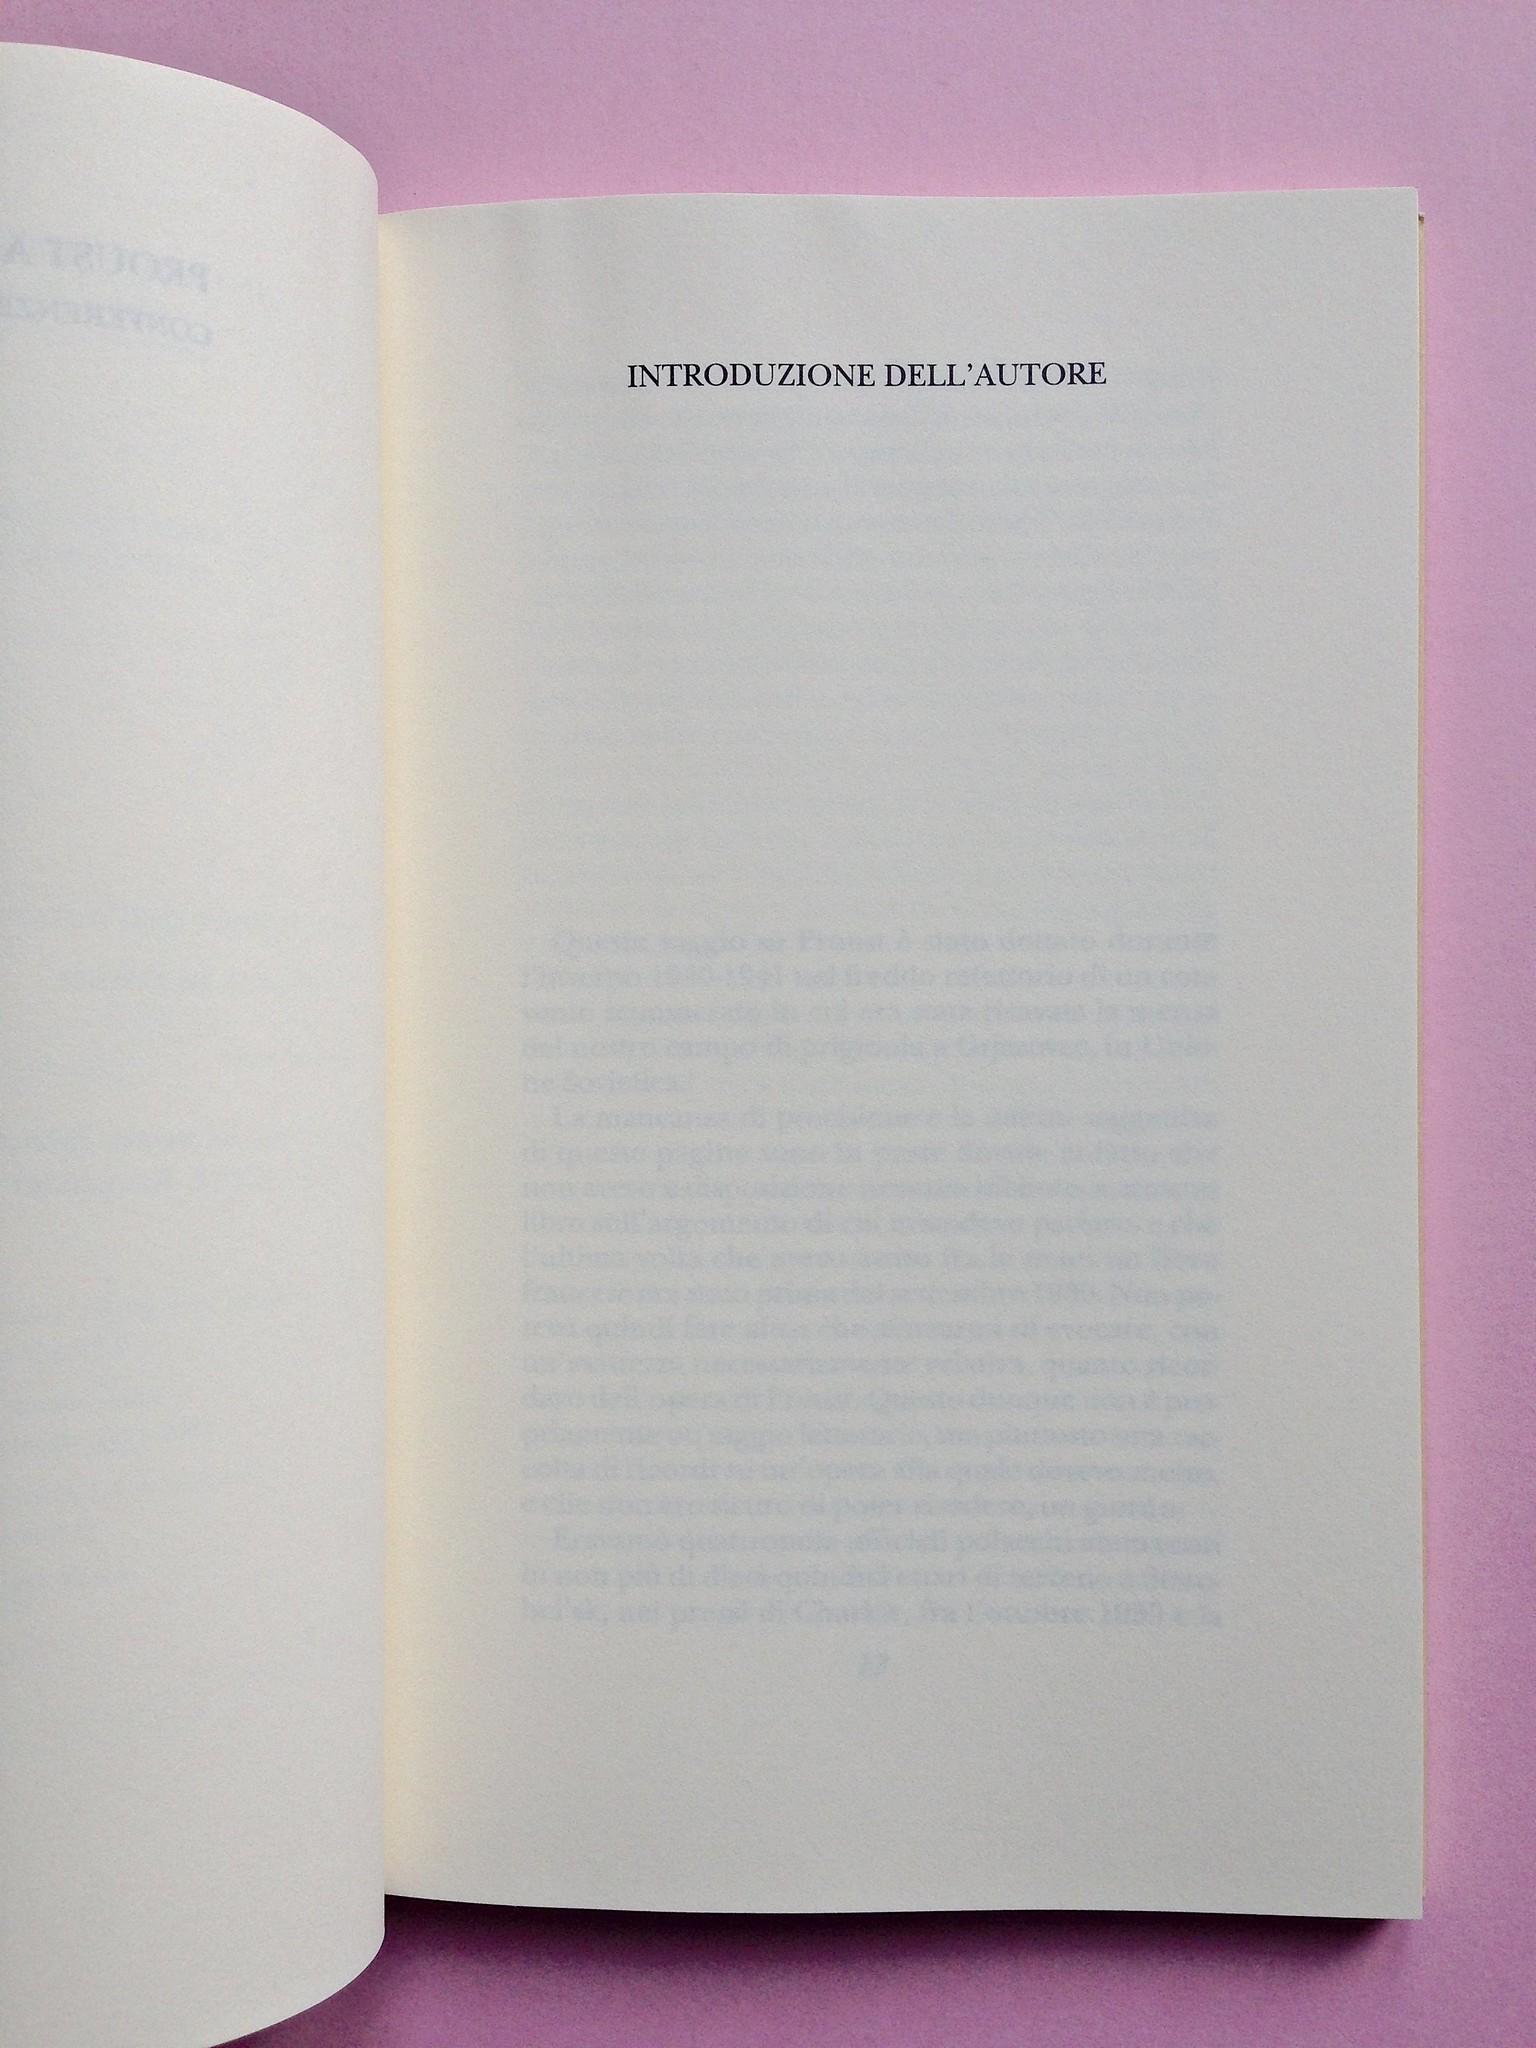 Proust a Grjazovec, di Józef Czapski. Adelphi 2015. Resp. grafica non indicata. Titolo di parte del testo, a stampatello, in capo alla pagina, a pag. 11 (part.), 1